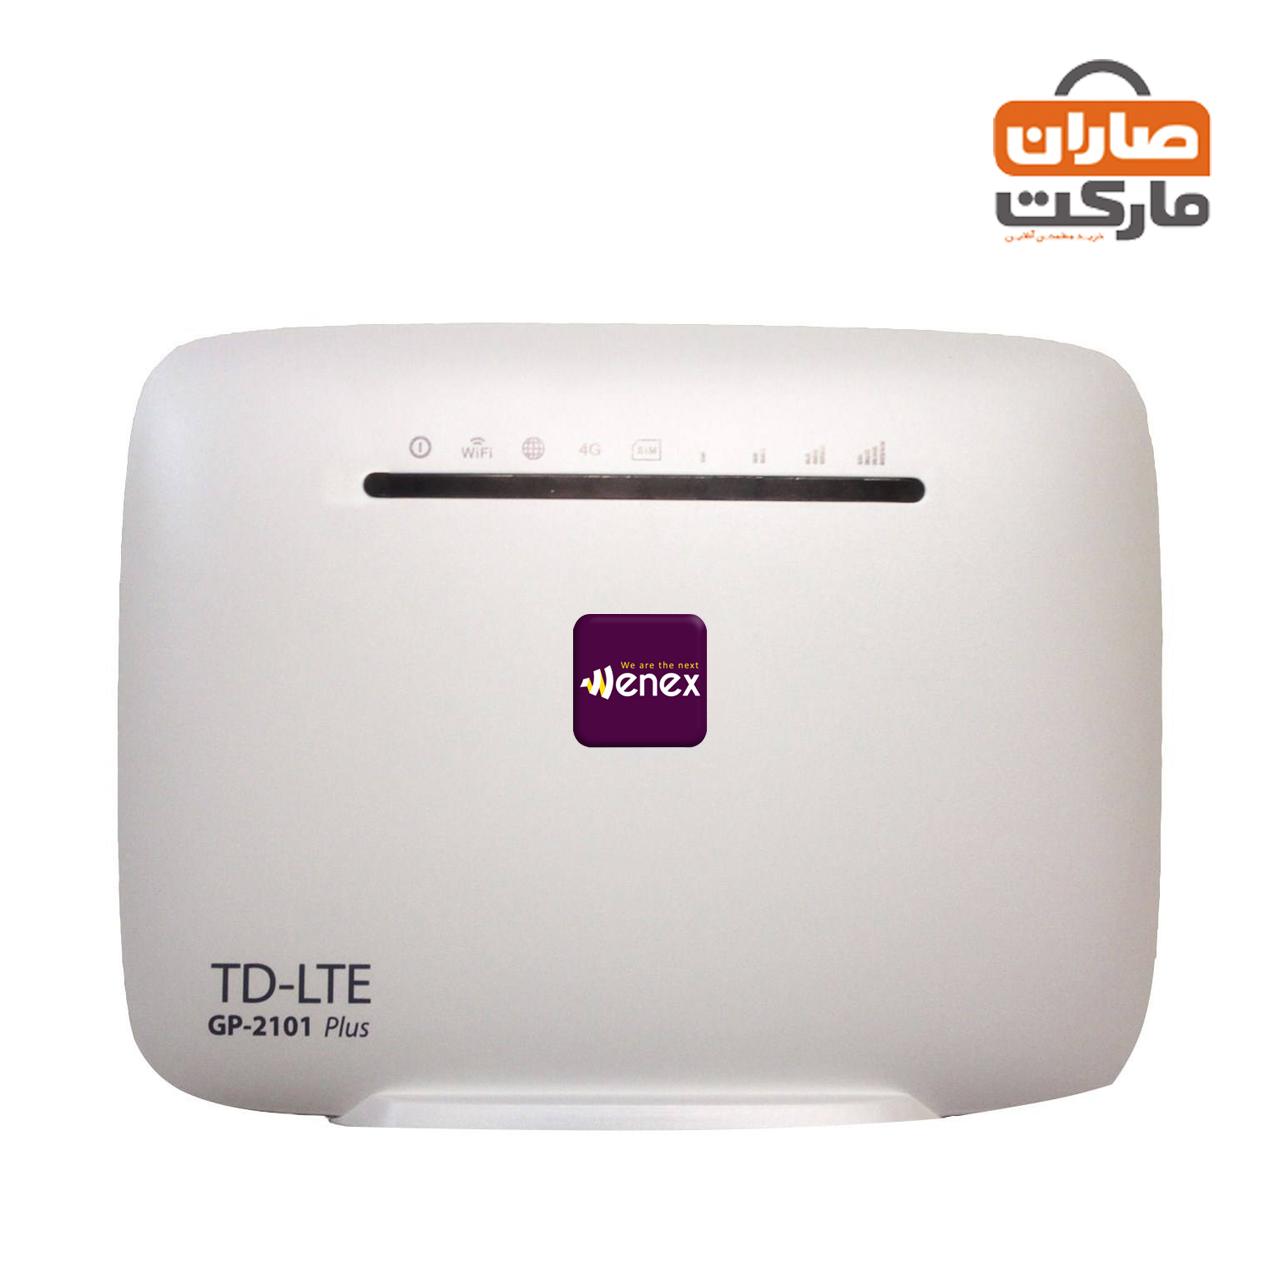 مودم-TD-LTE-وینکس-مدل-GP-2101-plus